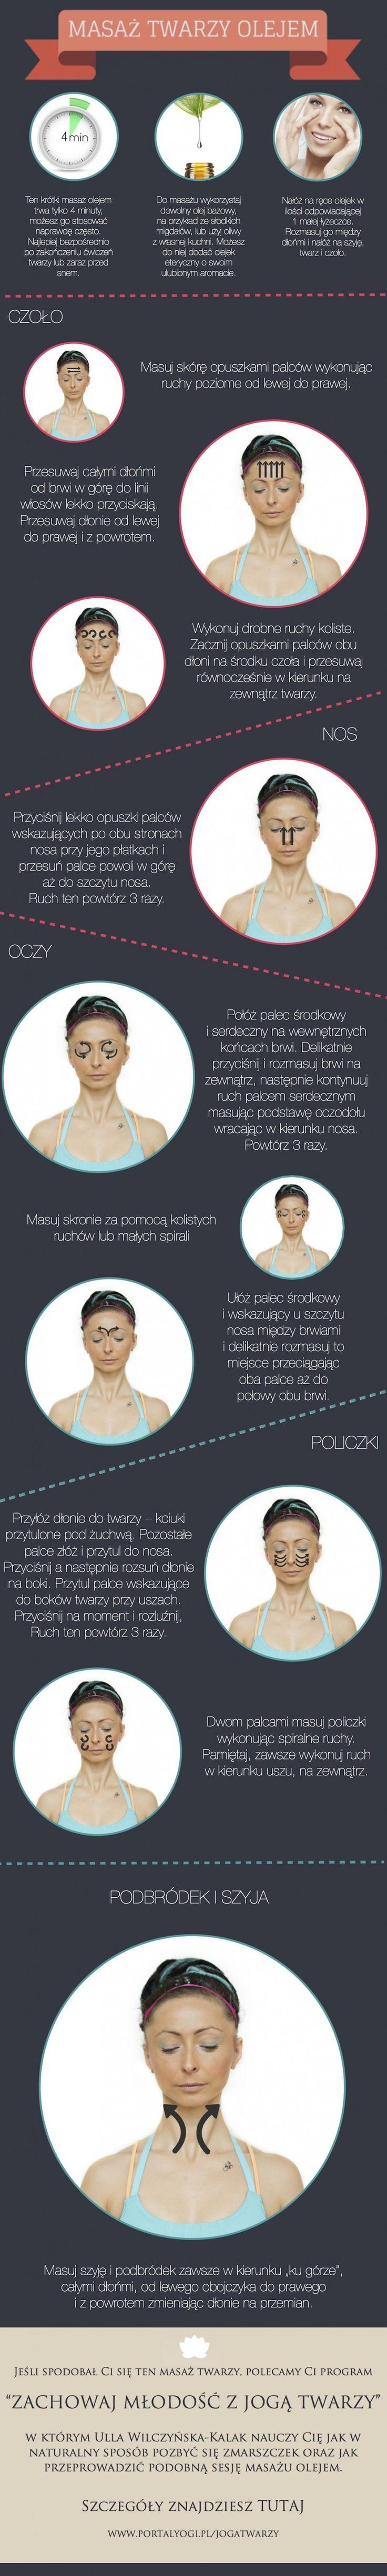 Masaż twarzy olejem to naturalny sposób aby pozbyć się zmarszczek